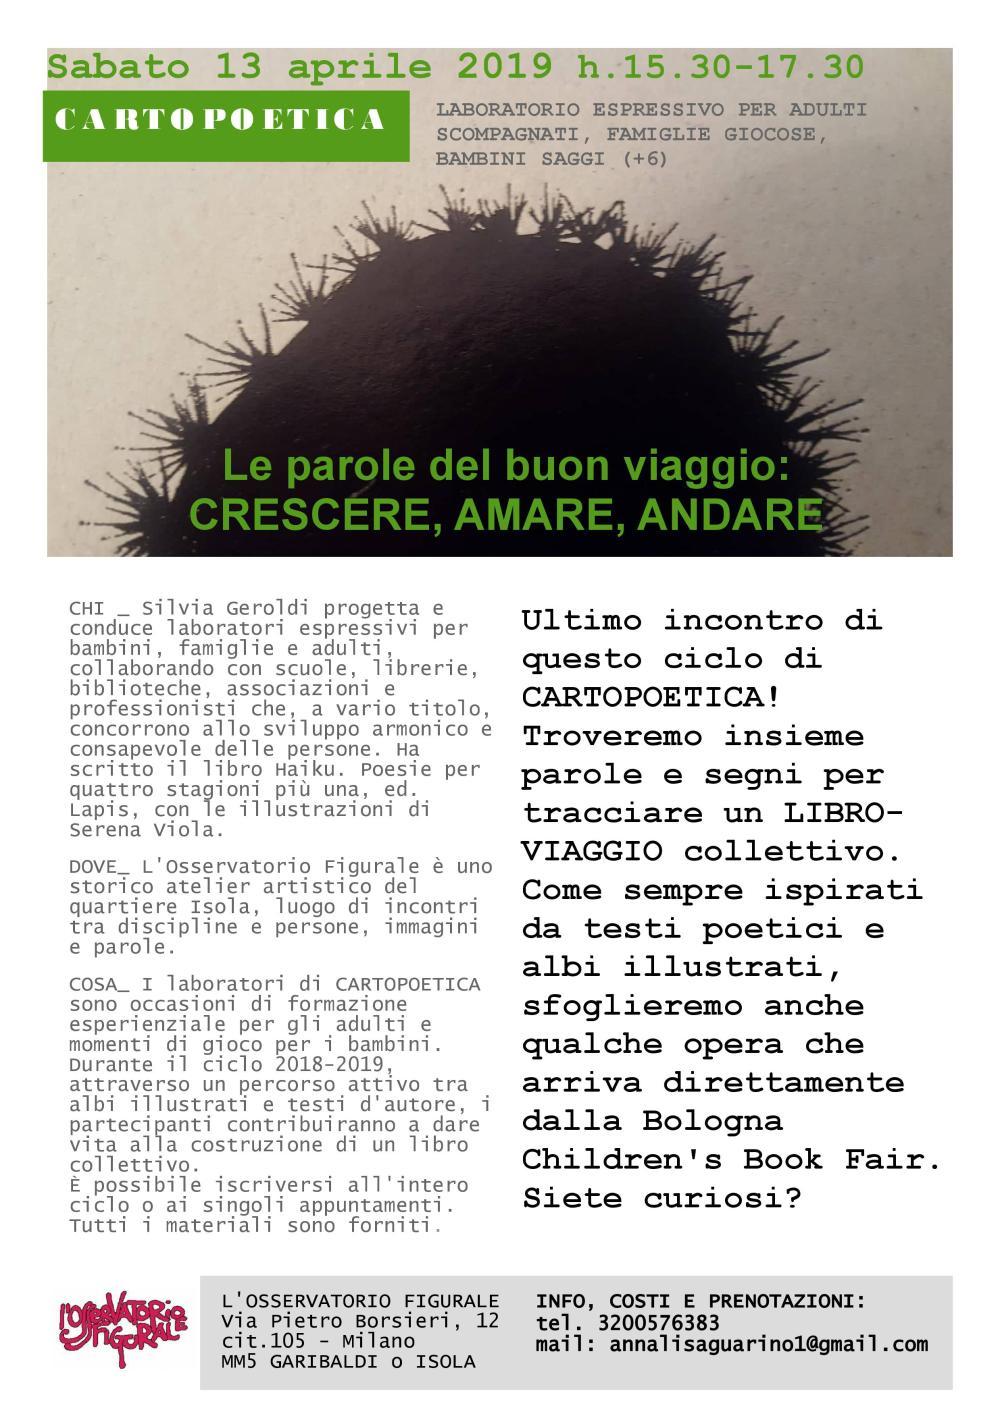 osservatorio figurale_vivere amare 2019.jpg